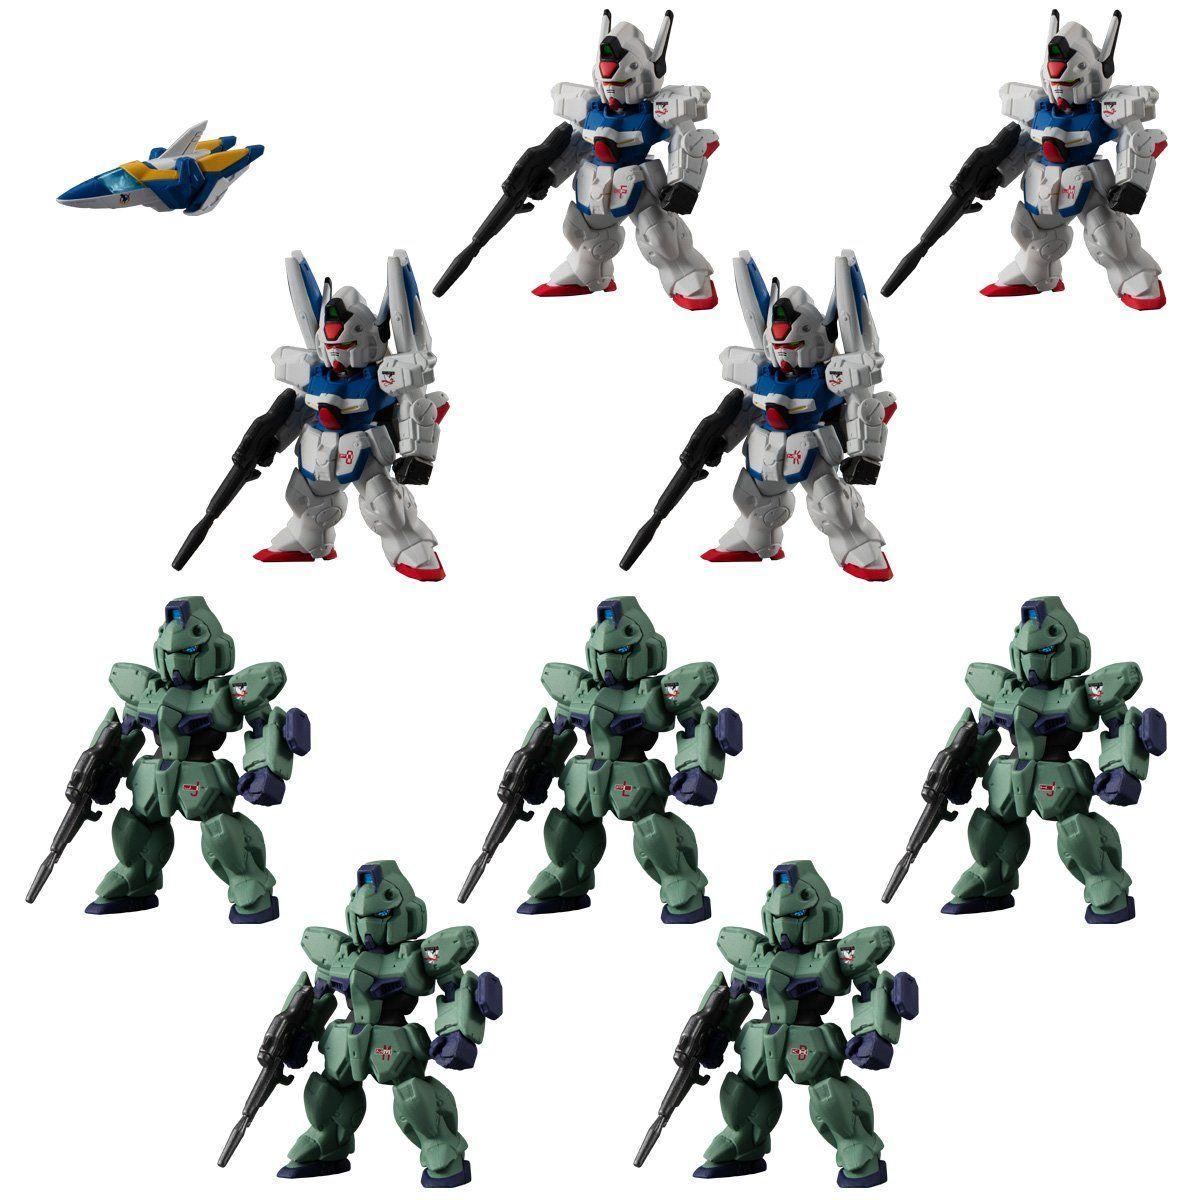 【限定販売】【食玩】FW GUNDAM CONVERGE:CORE『機動戦士Vガンダム シュラク隊セット』デフォルメフィギュア-001